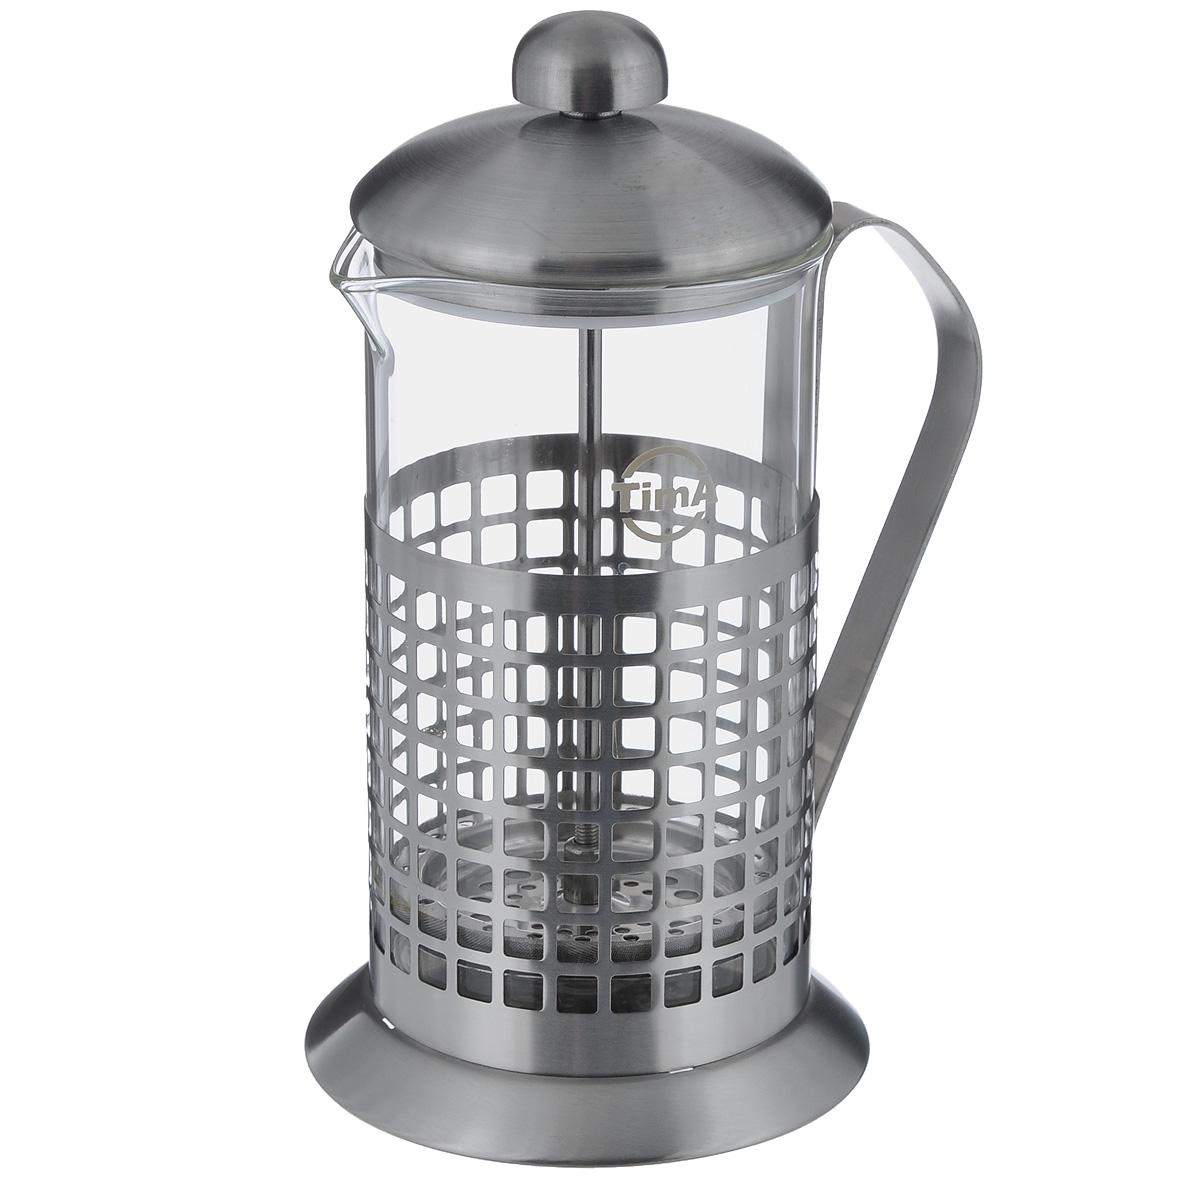 Чайник заварочный TimA Бисквит, 600 млPB-600Чайник заварочный TimA Бисквит выполнен в виде френч-пресса и представляет собой гибрид заварочного чайника и кофейника. Колба выполнена из жаропрочного стекла, корпус, крышка и поршень изготовлены из нержавеющей стали. Изделие легко разбирается и моется. Прозрачные стенки чайника дают возможность наблюдать за насыщением напитка, а поршень позволяет с легкостью отжать самый сок от заварки и получить напиток с насыщенным вкусом. Заварочный чайник - постоянно используемый предмет посуды, который необходим на каждой кухне. Френч-пресс TimA Бисквит займет достойное место среди аксессуаров на вашей кухне. Можно мыть в посудомоечной машине. Диаметр (по верхнему краю): 9 см. Высота чайника (с крышкой): 21 см. Объем: 600 мл.